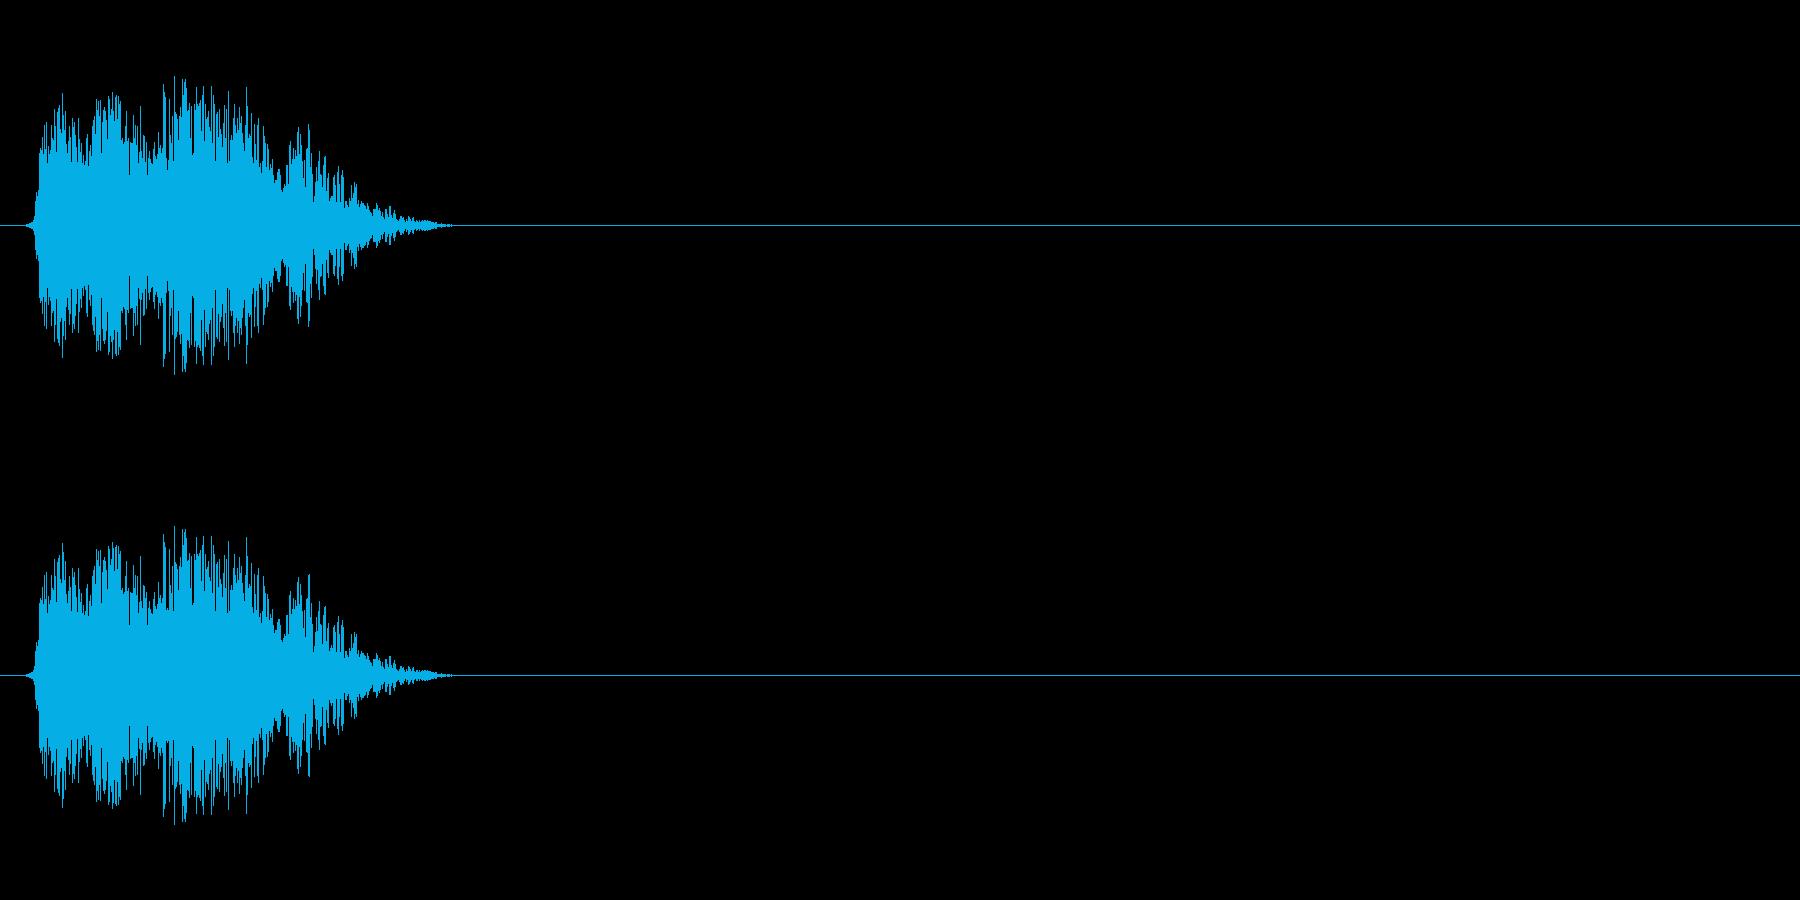 【斬る01-3】の再生済みの波形